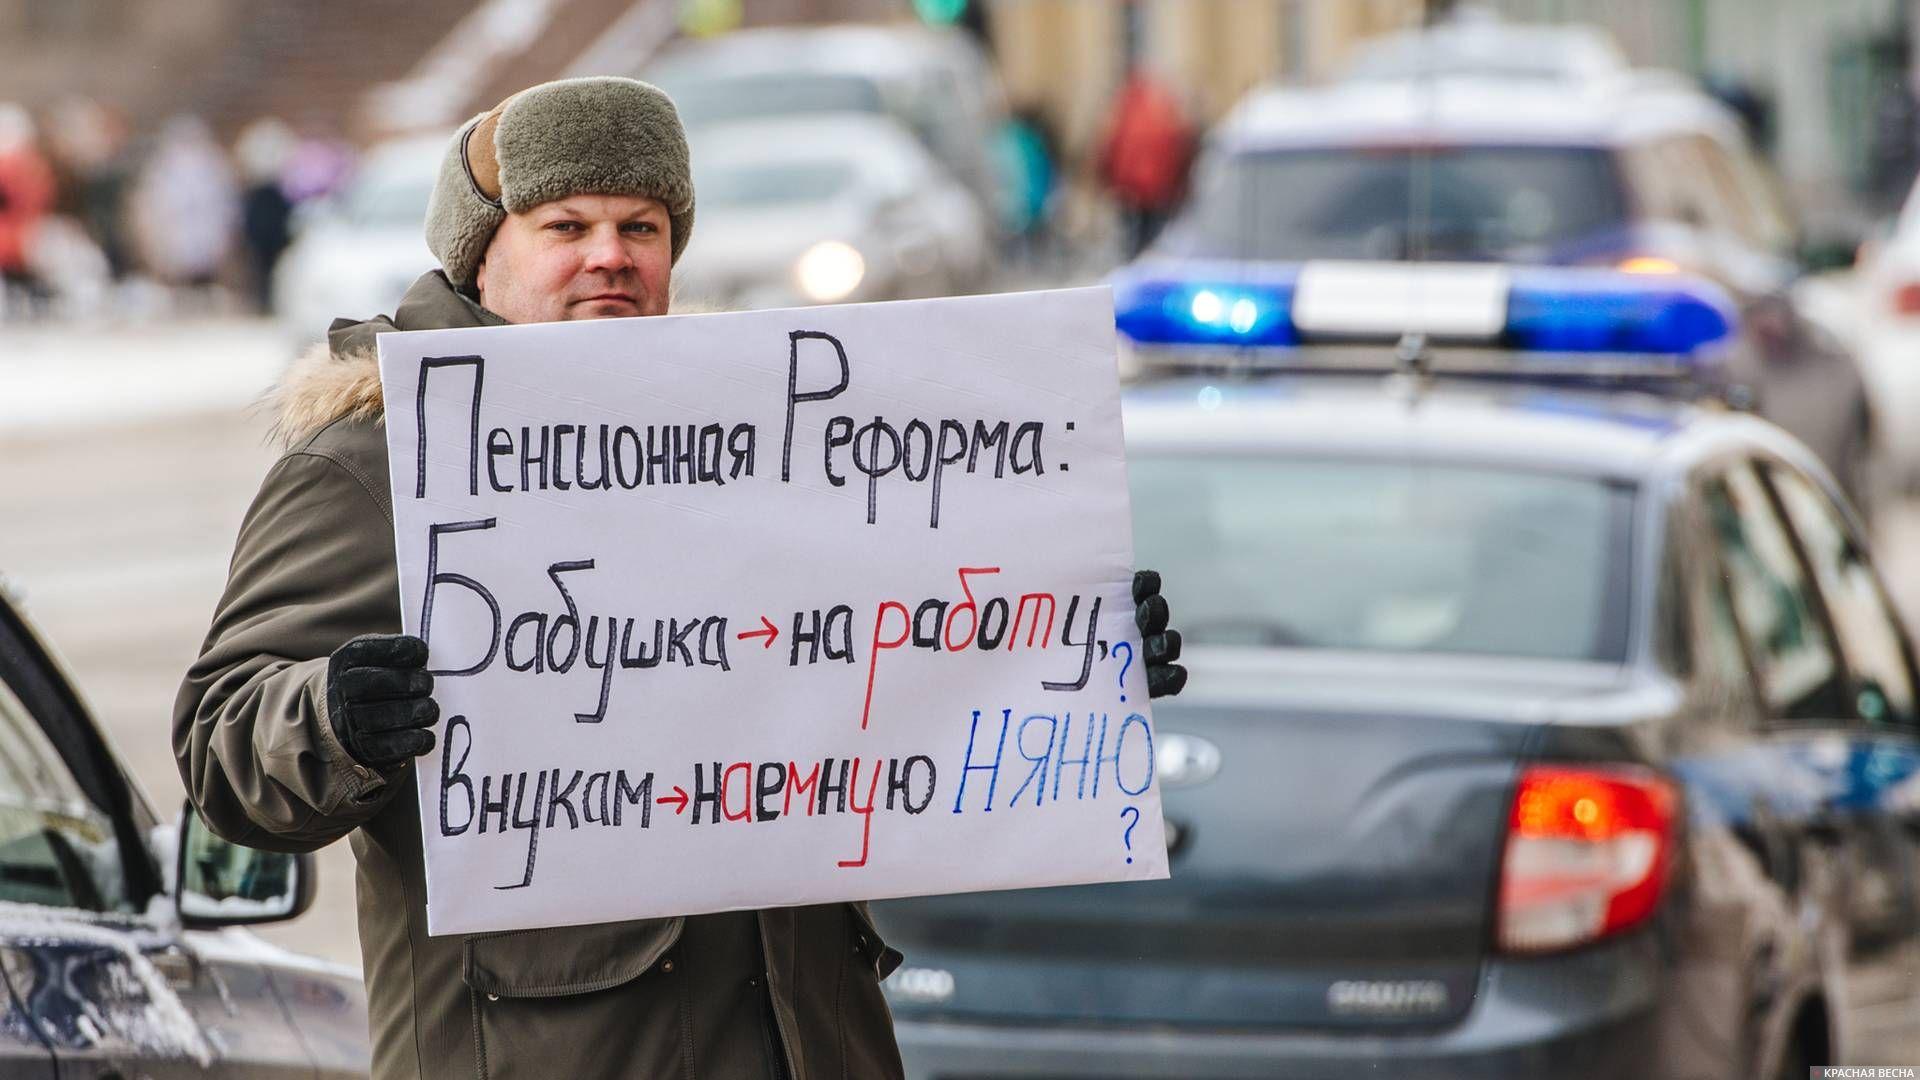 Одиночные пикеты против пенсионной реформы на Невском проспекте. 3 марта 2019 года. Санкт-Петербург © ИА Красная Весна